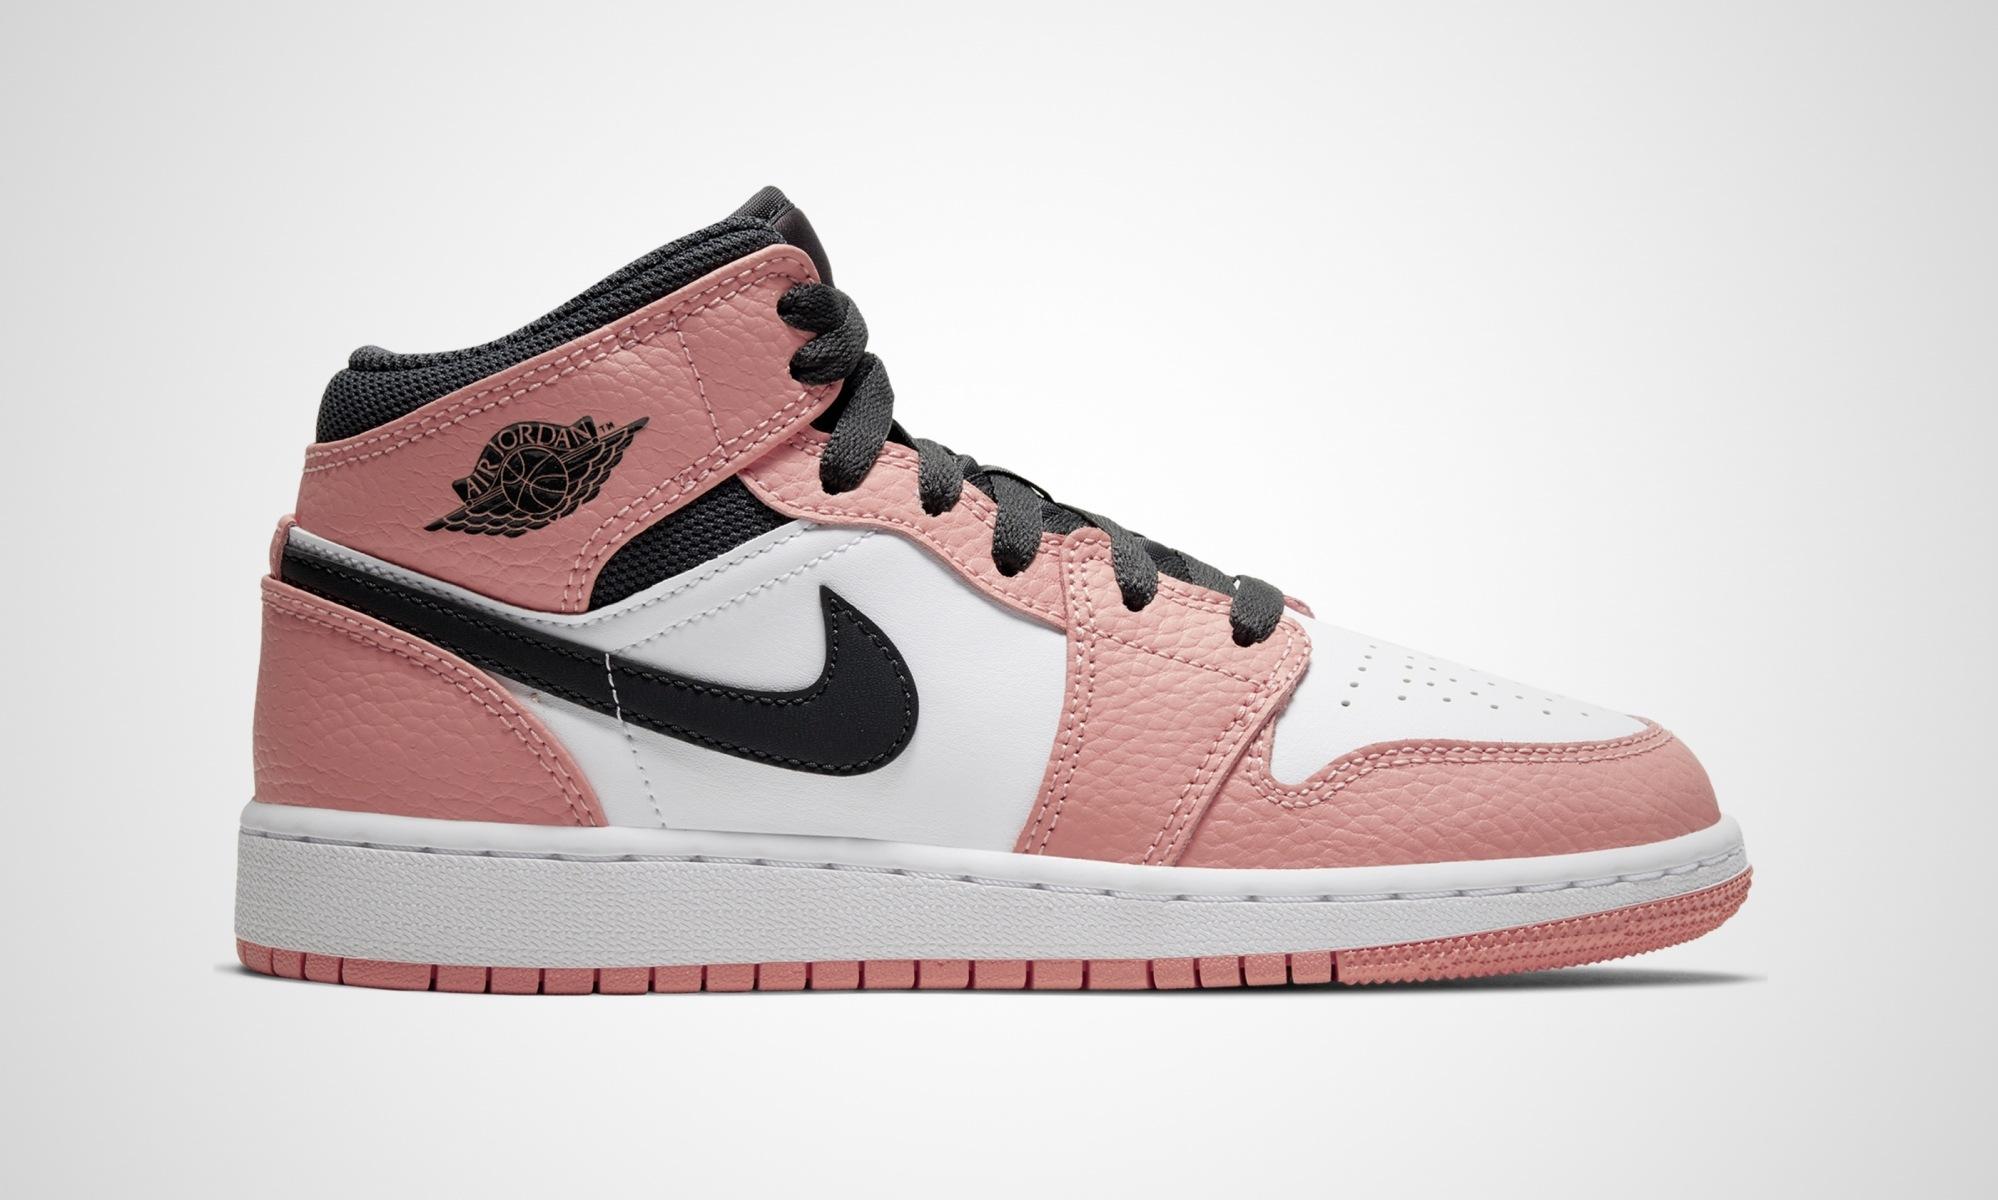 Nike WMNS Air Jordan 1 Mid Pink Quartz